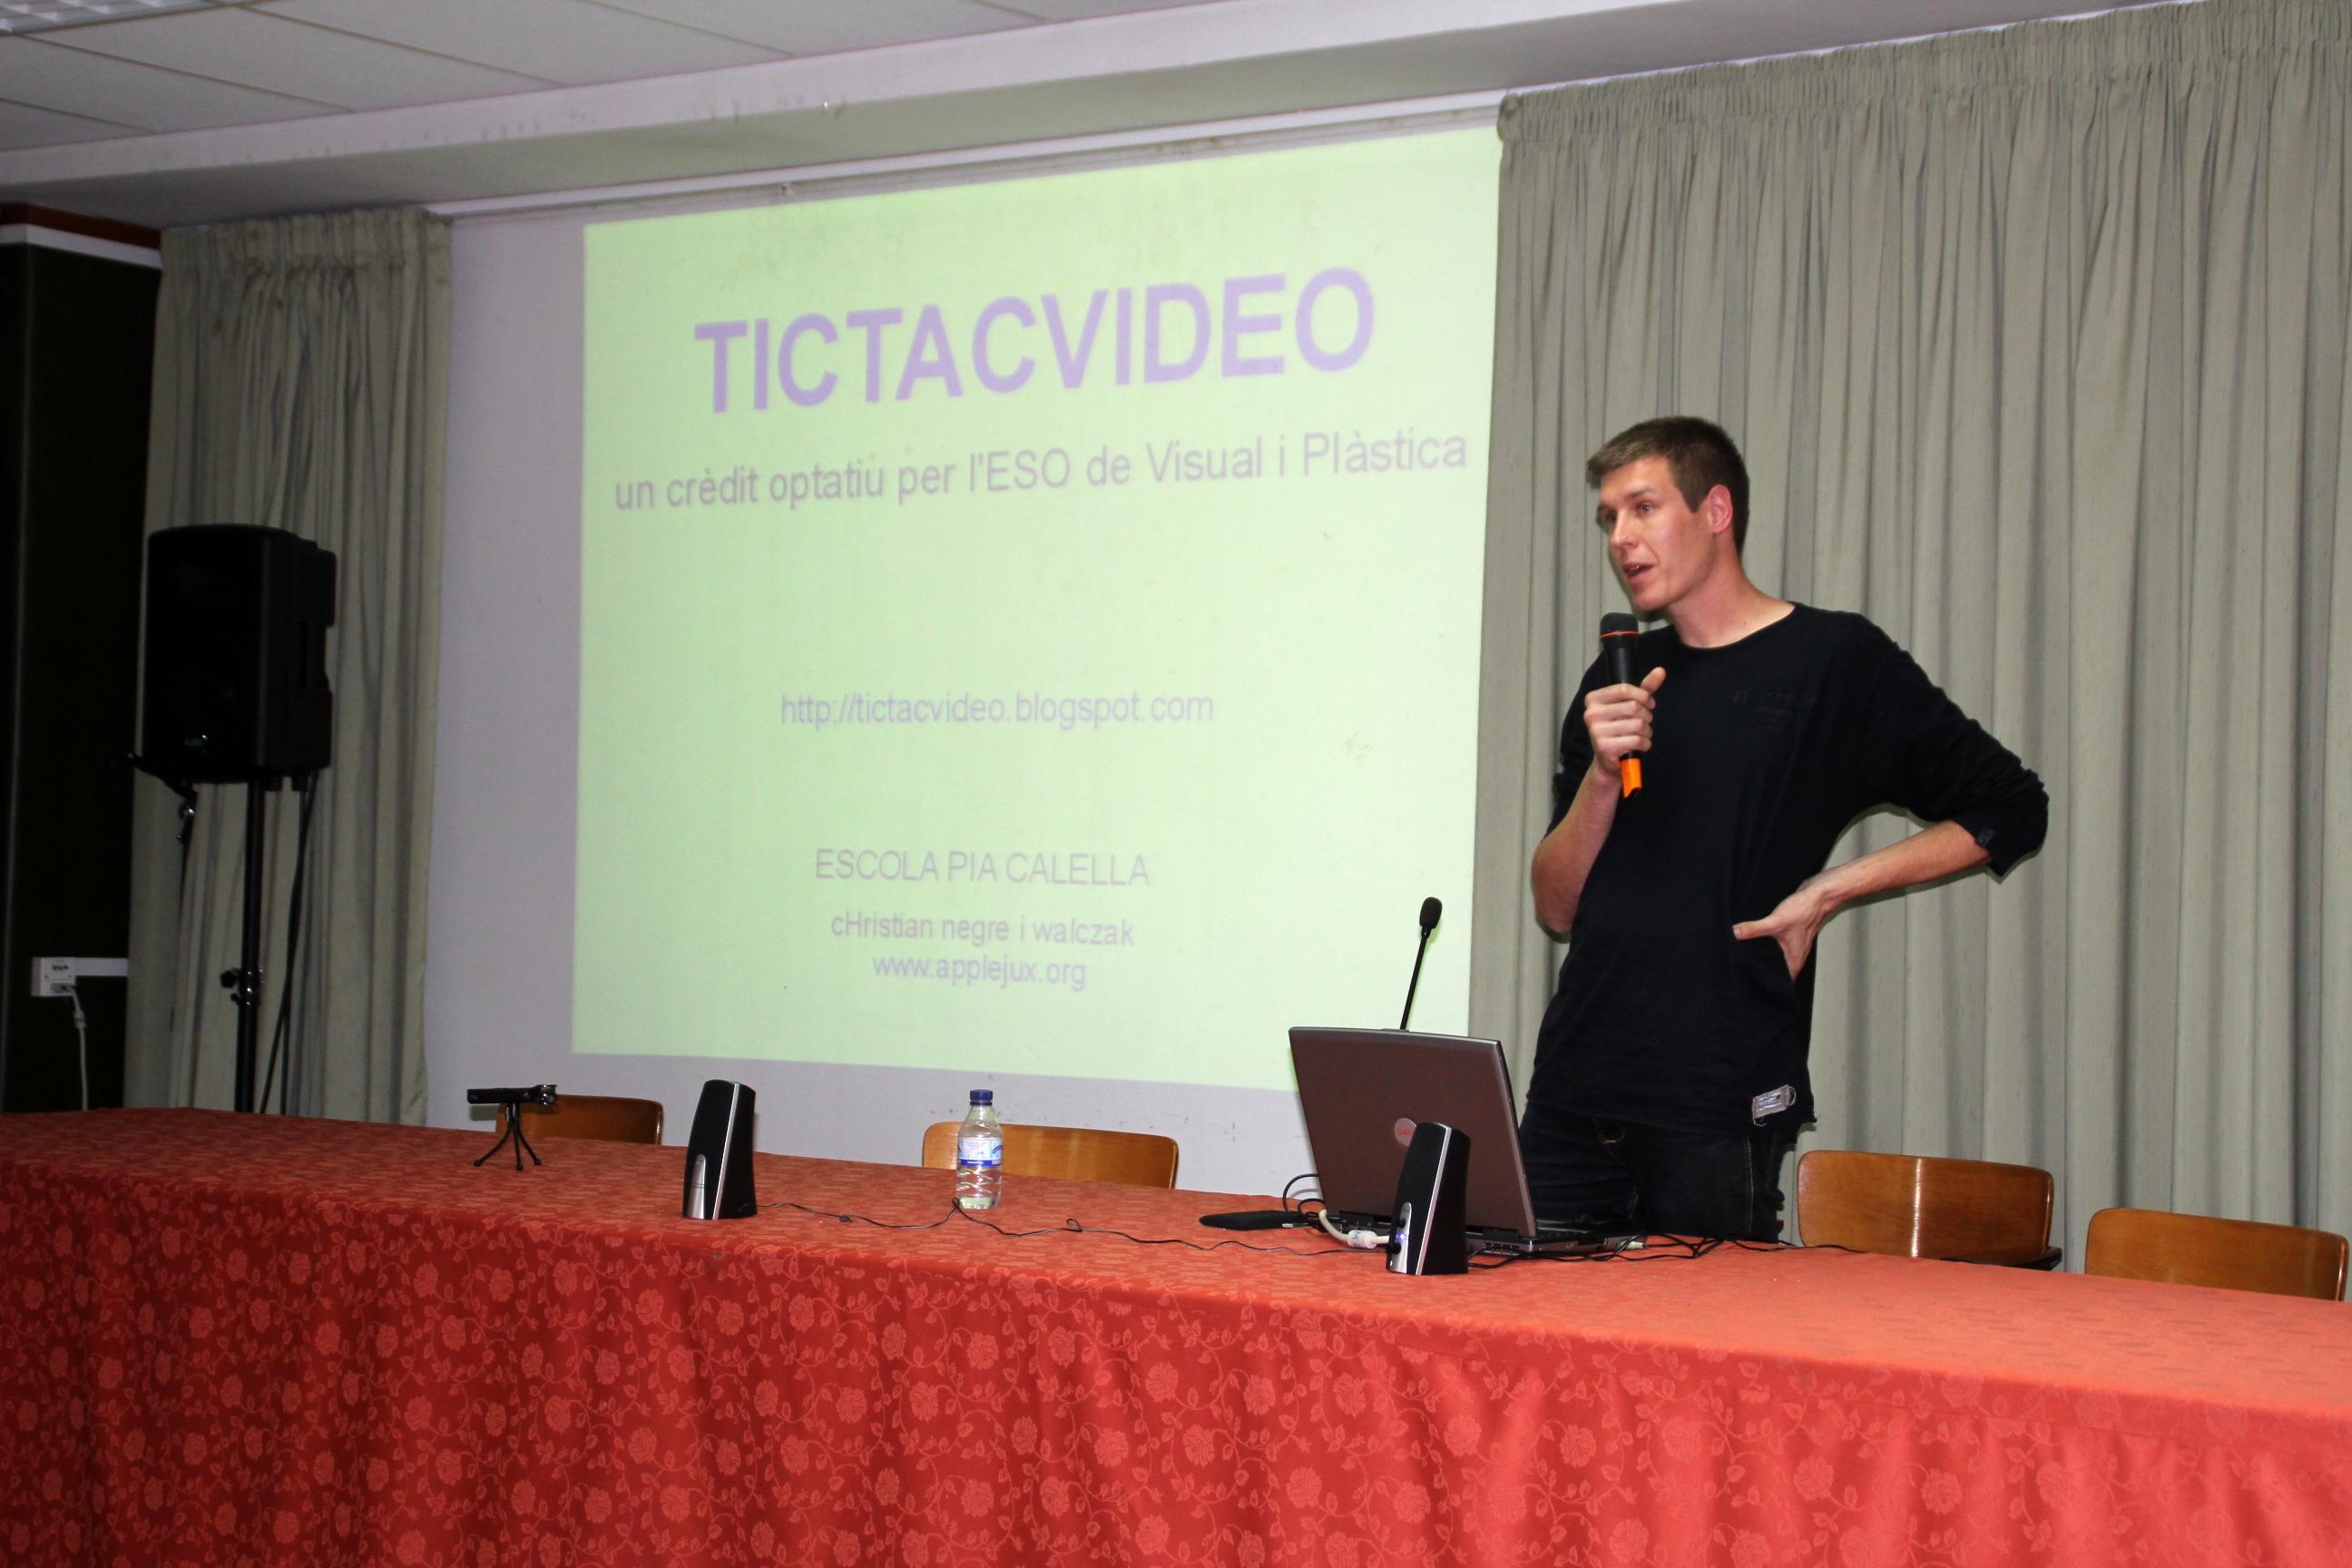 tictacvideo.blogspot.com